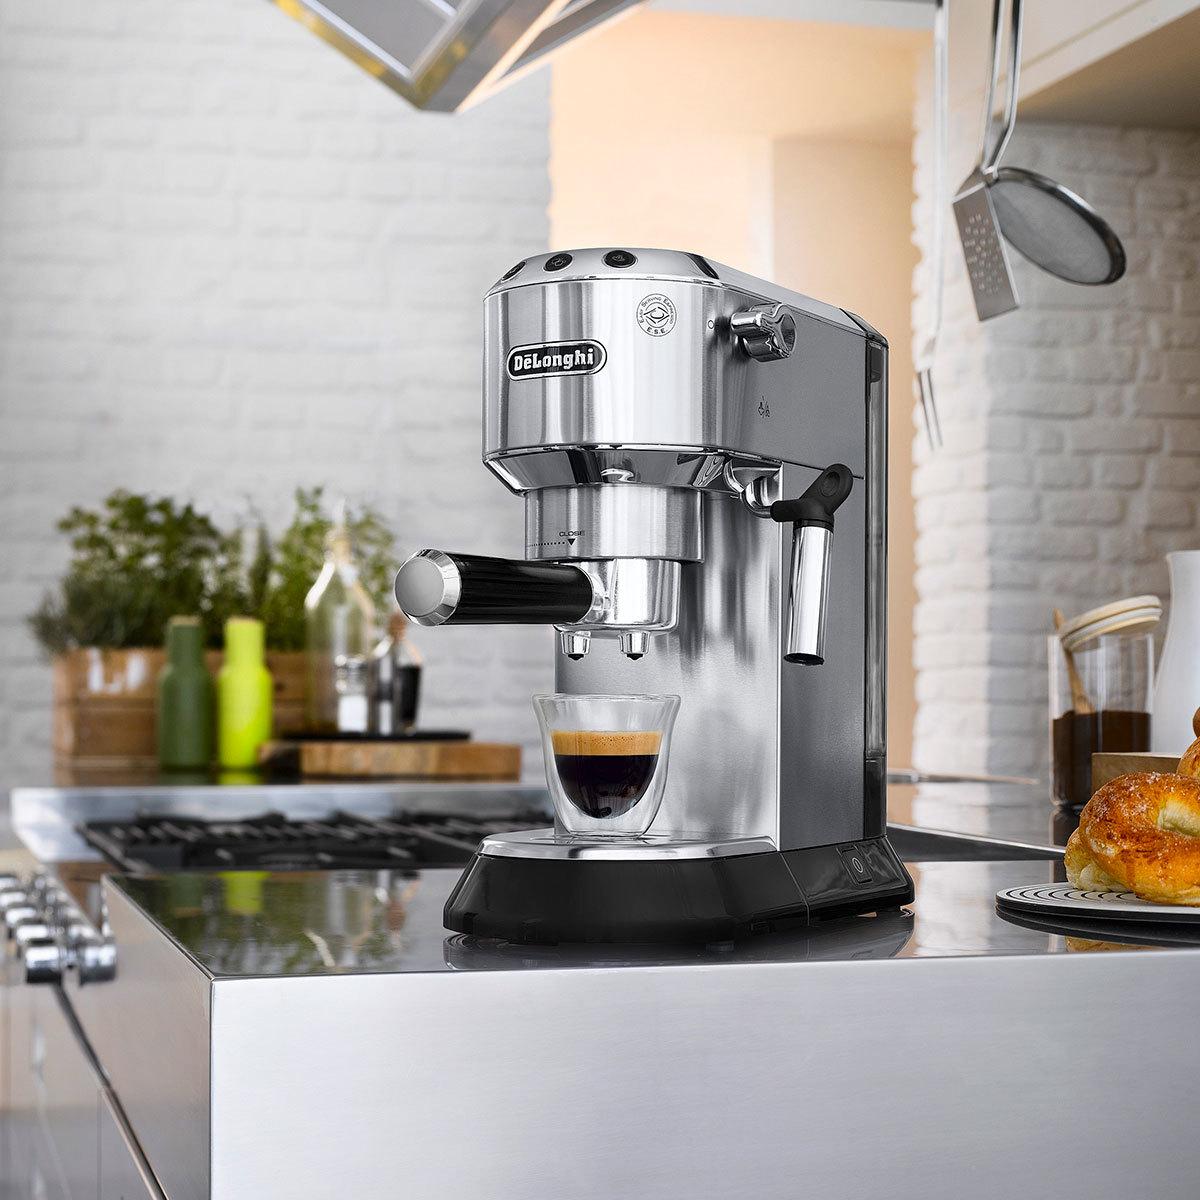 Costco Cafetera tipo barista de espresso y cappuccino